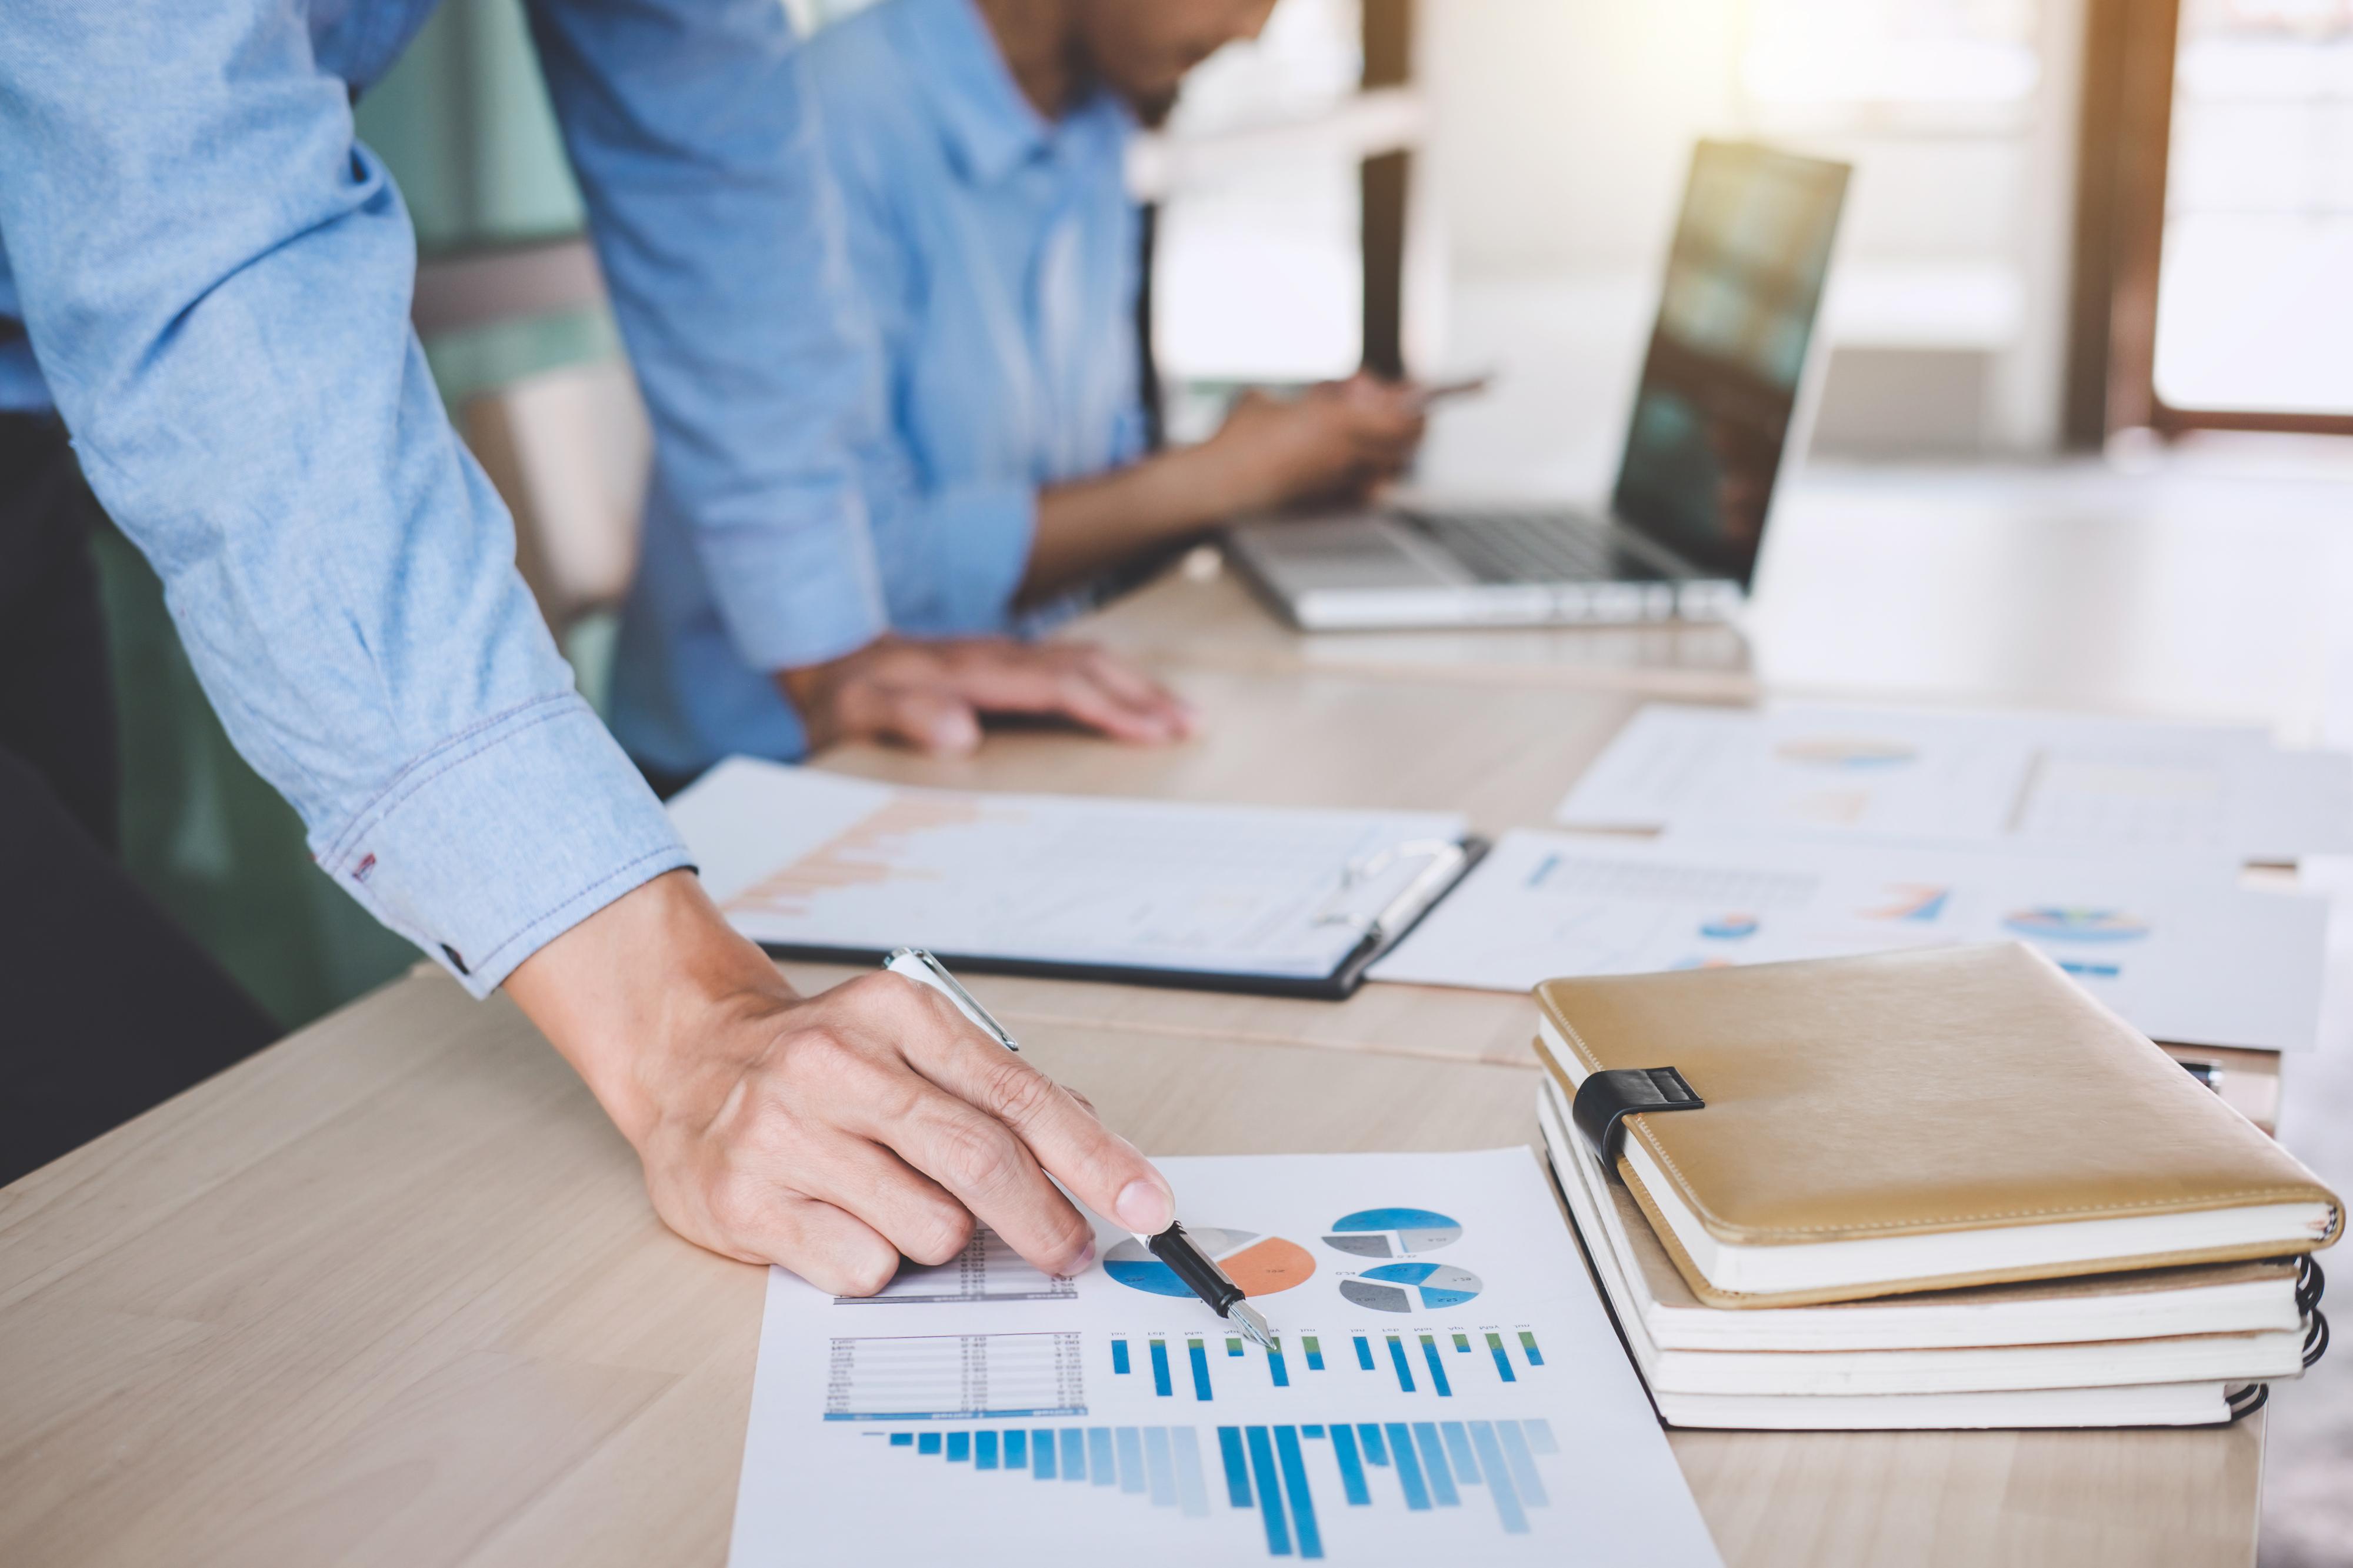 起業資金の調達は女性経営者に有利!女性の会社設立を応援する制度一覧【2019年最新ビジネスニュース】